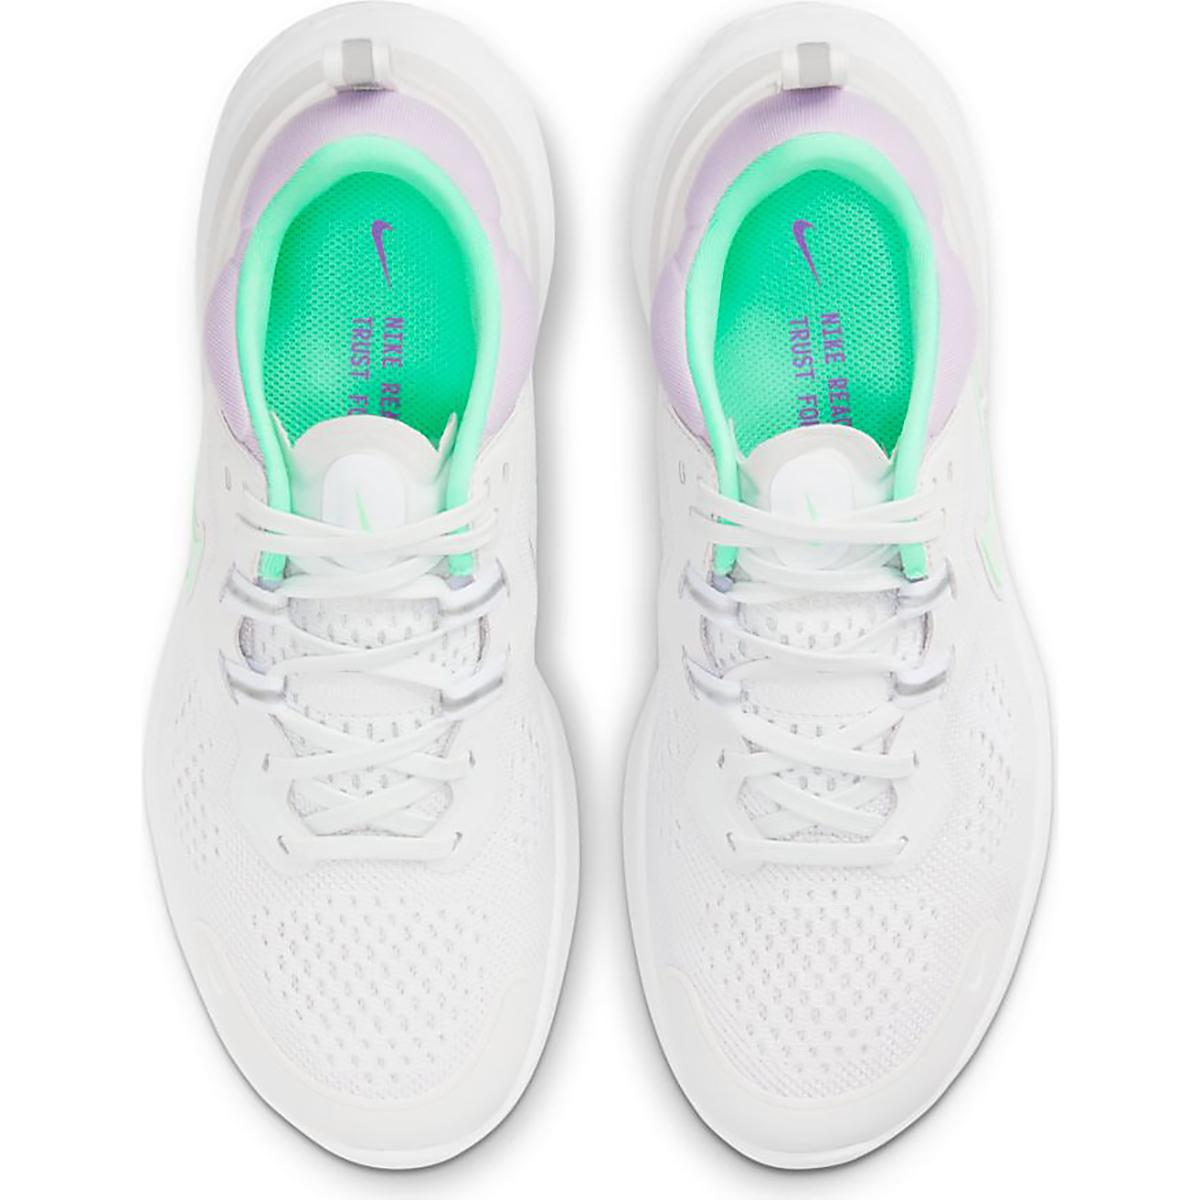 Women's Nike React Miler 2 Running Shoe - Color: Platinum Tint/Green Glow-White - Size: 5 - Width: Regular, Platinum Tint/Green Glow-White, large, image 3